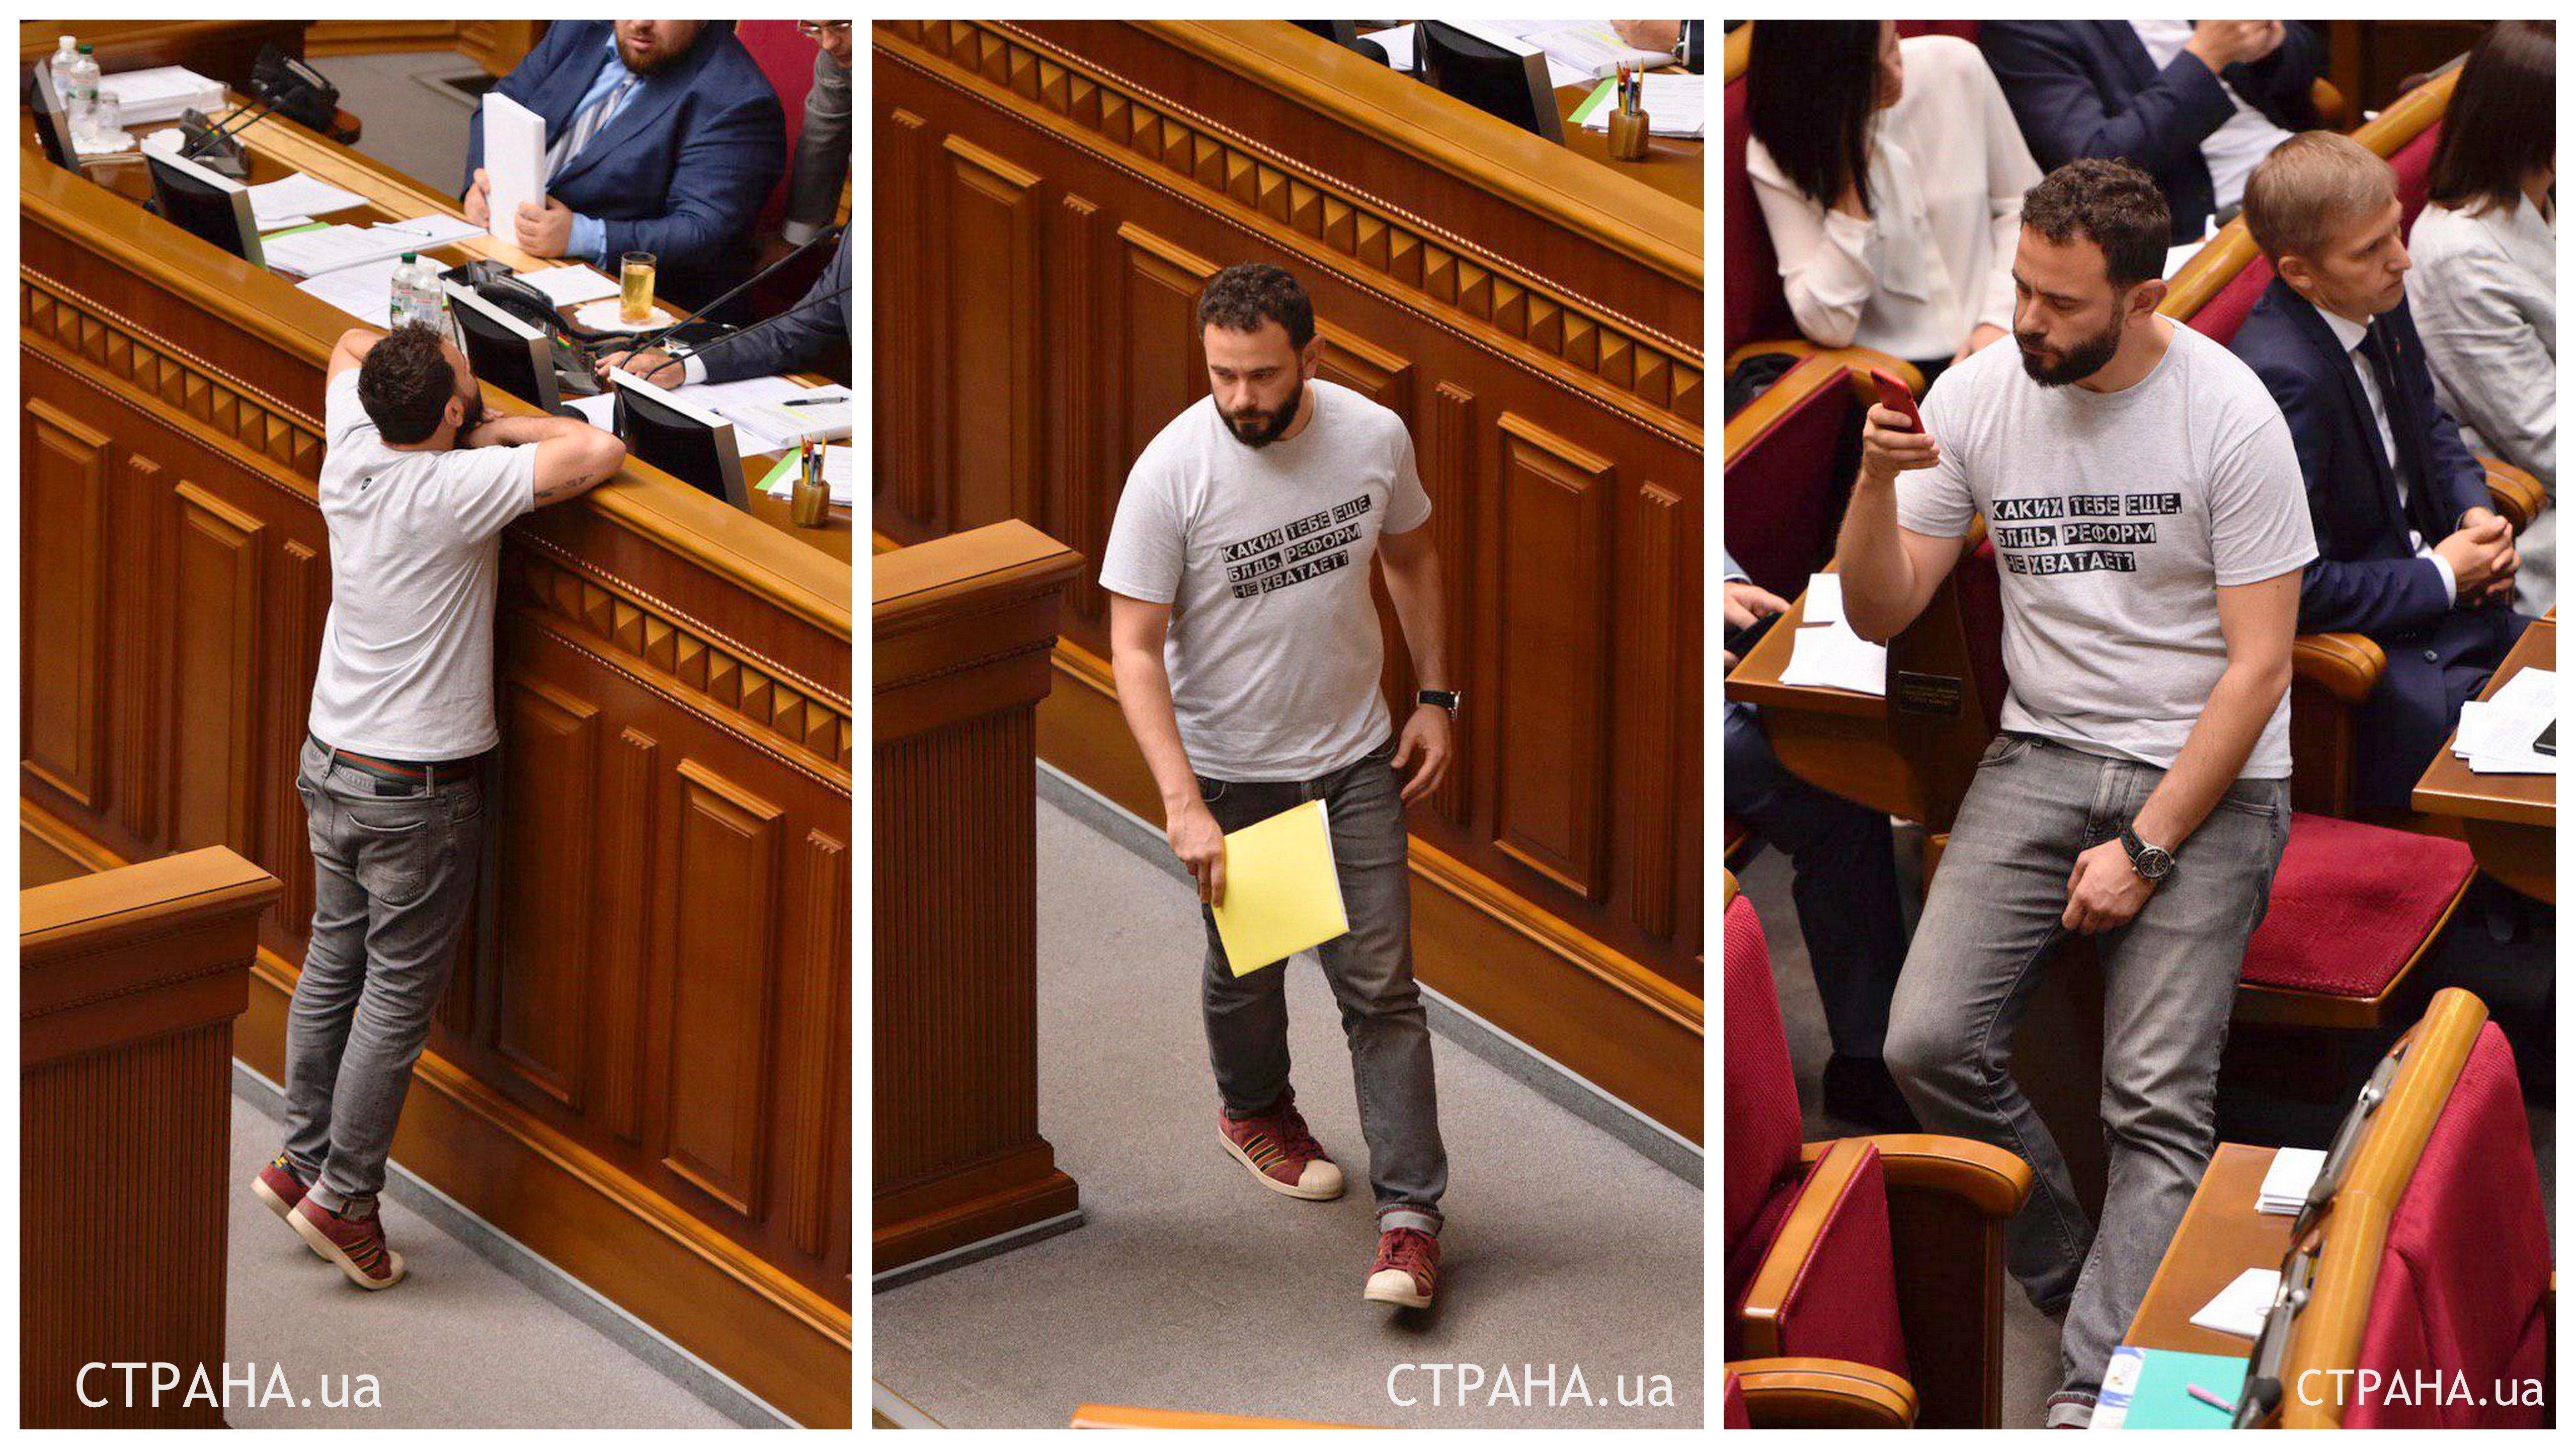 """""""Яких тобі ще, блдь, реформ не вистачає?"""": скандальний нардеп Дубінський прийшов на засідання Ради у футболці з неоднозначним принтом"""